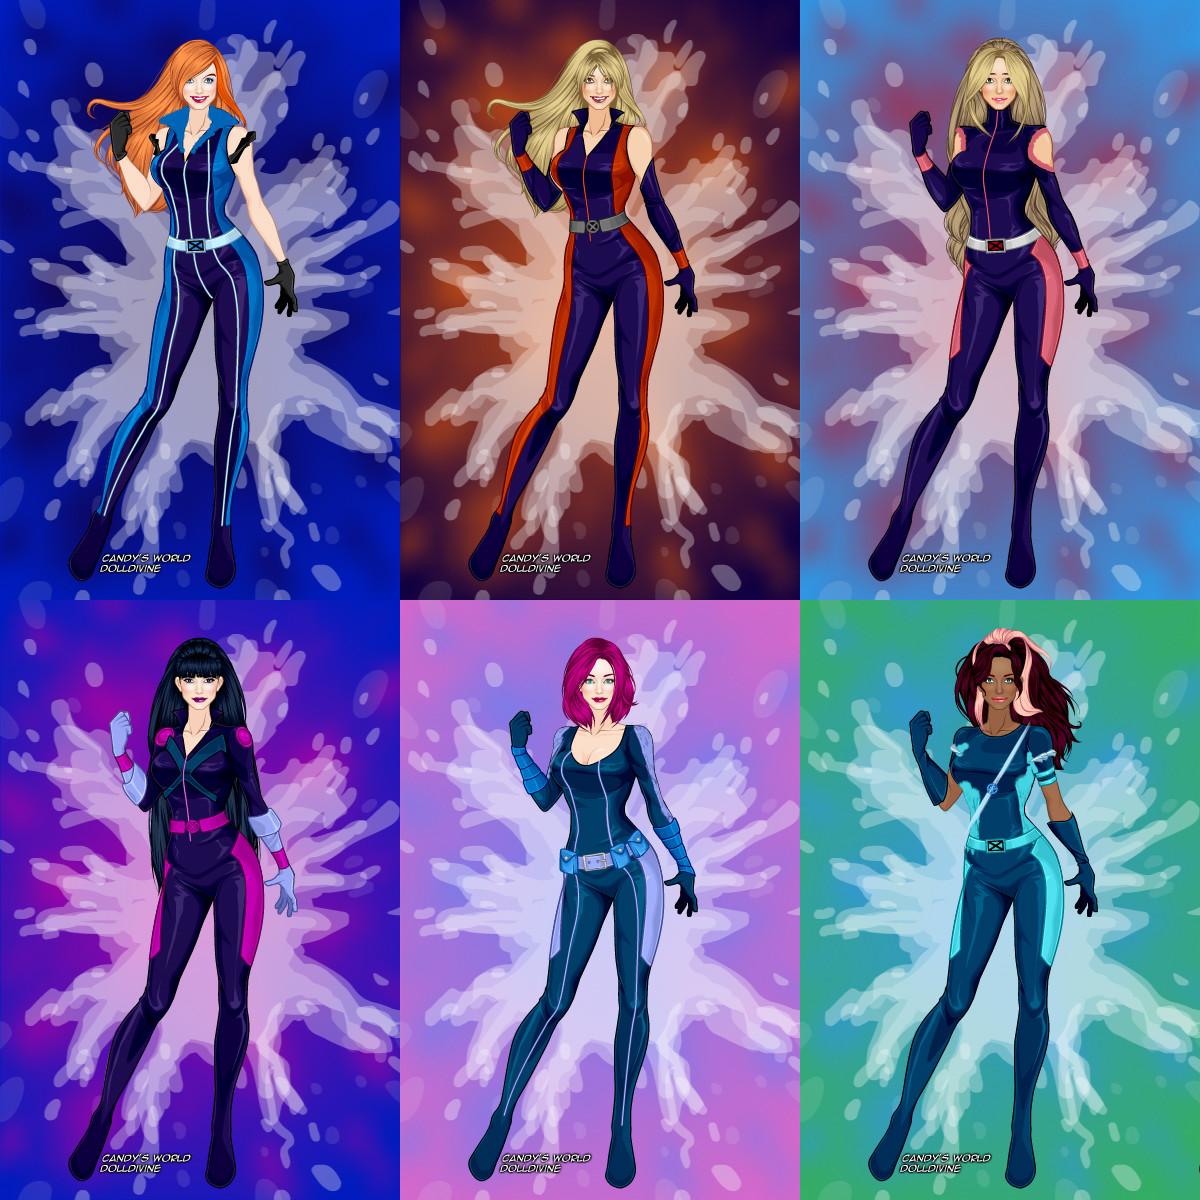 World of Winx: Stealth Uniforms by Lunakinesis on DeviantArt